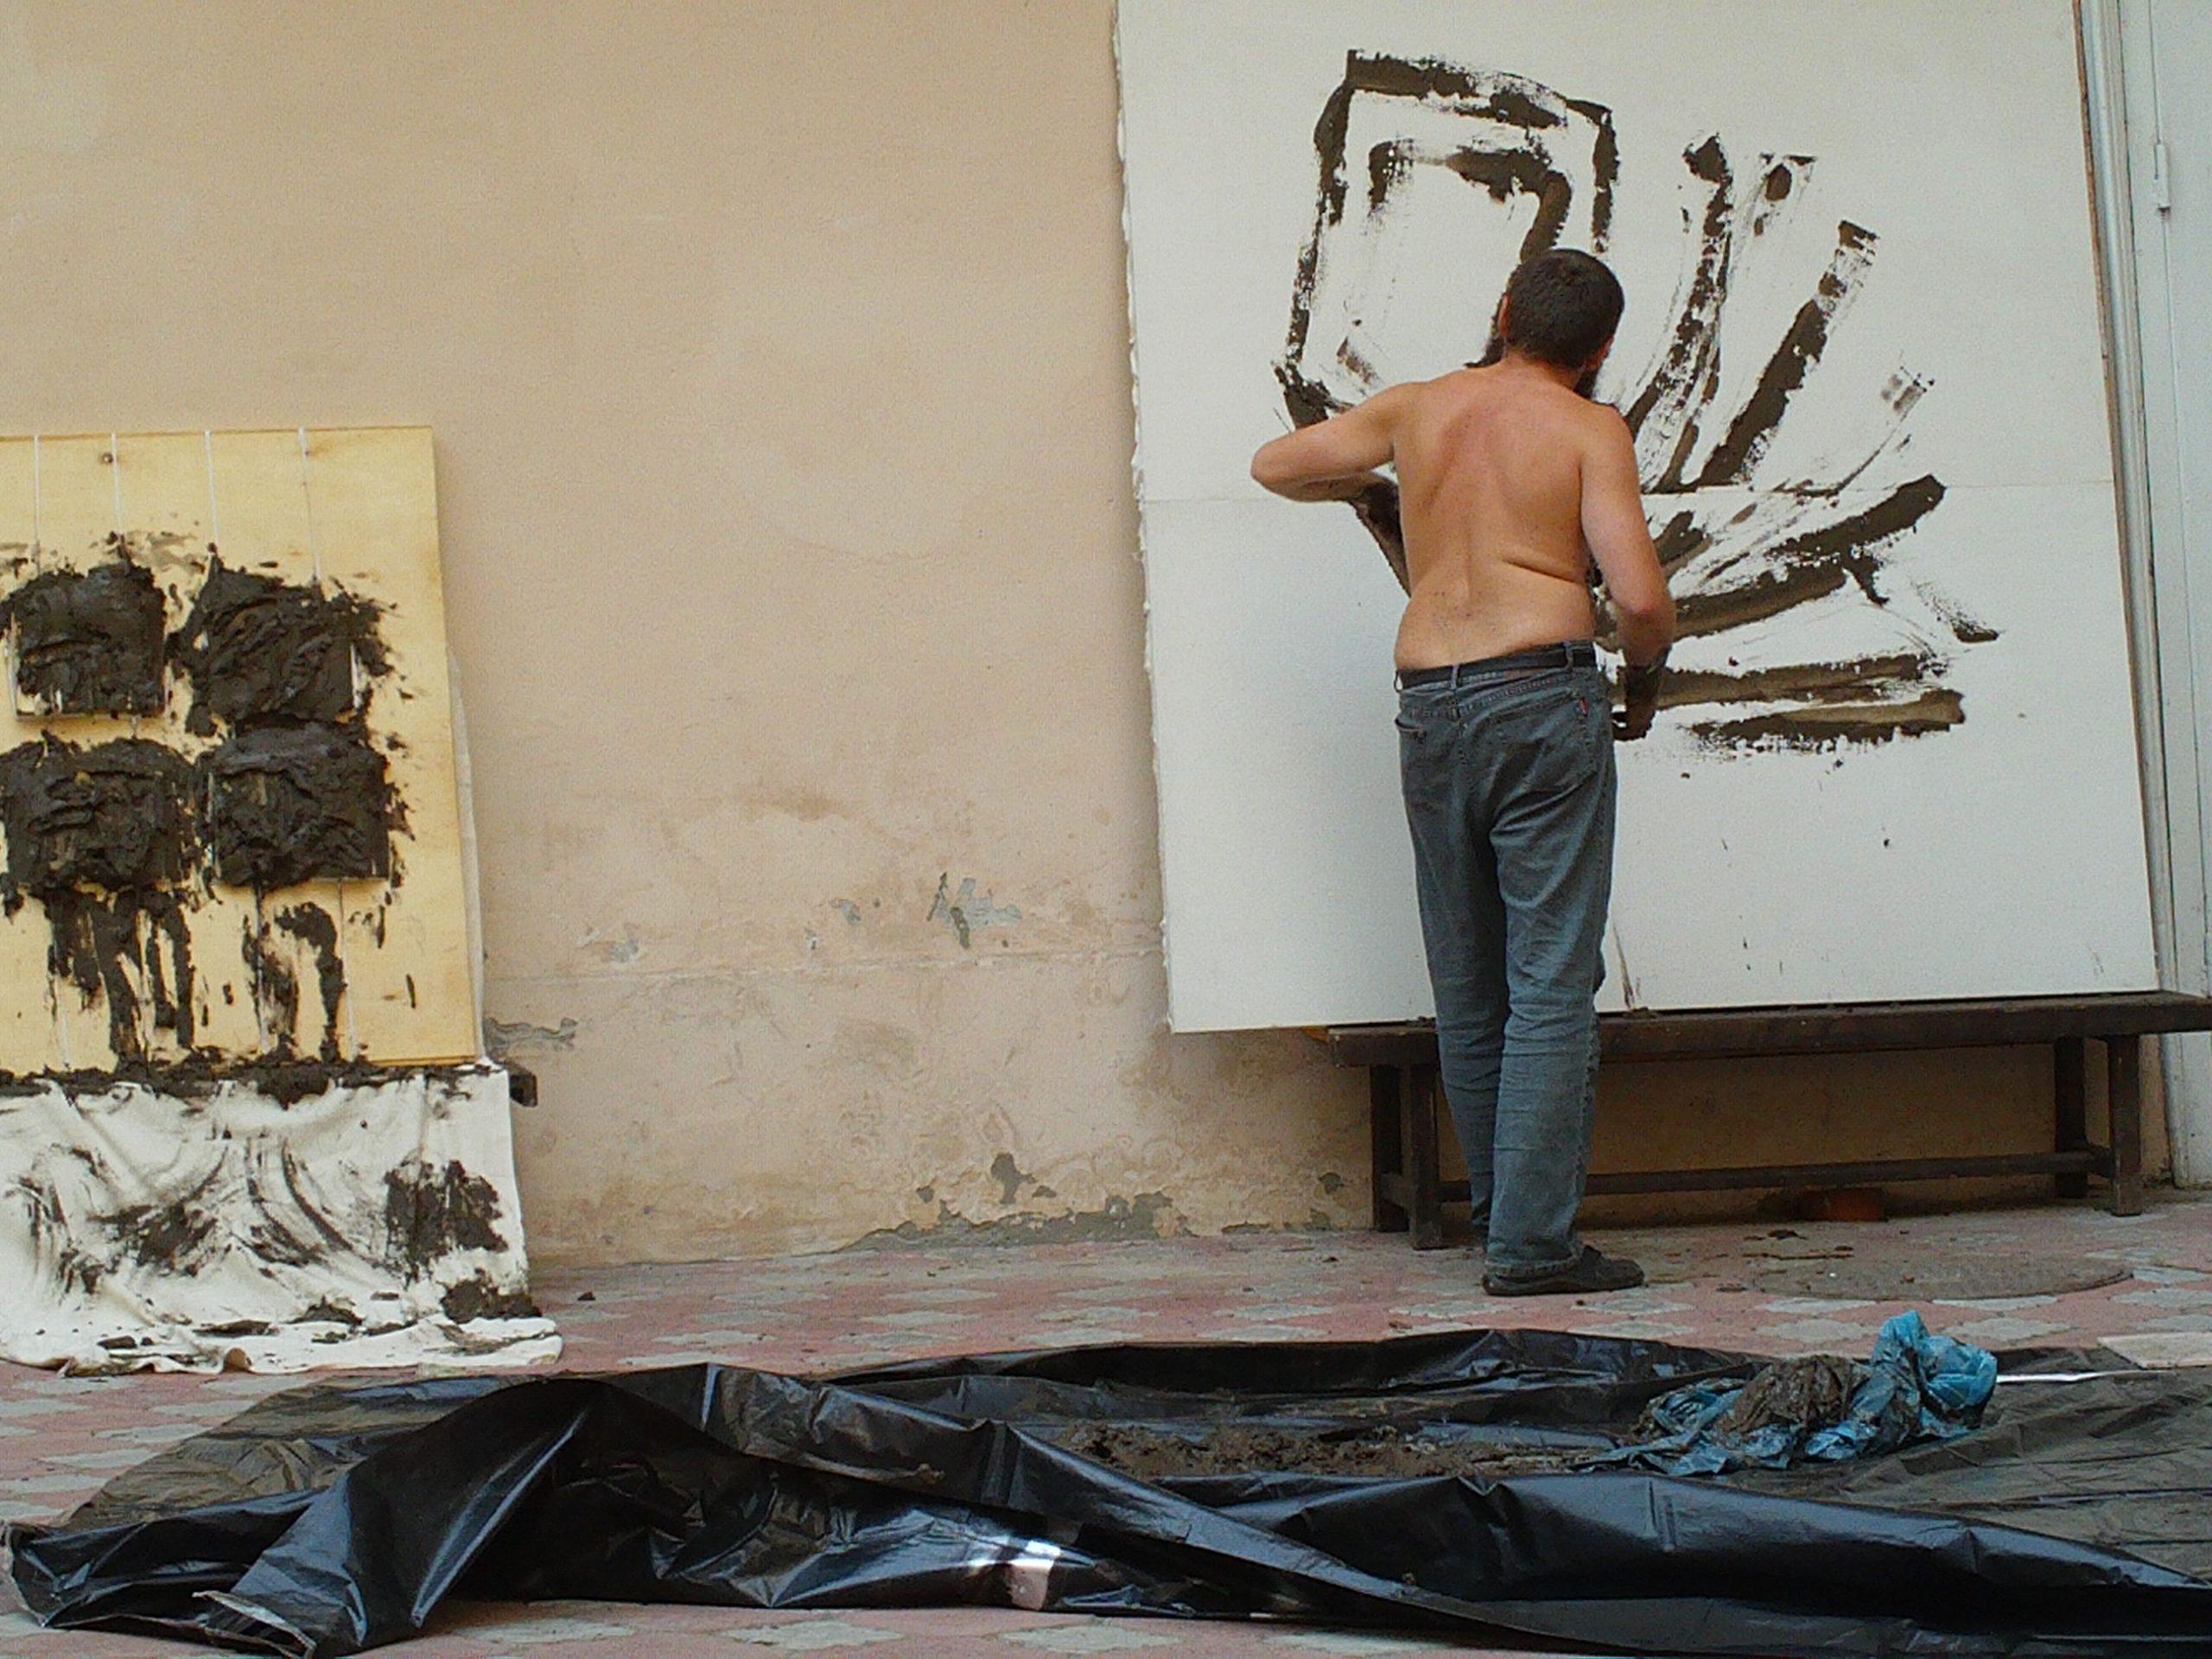 УКРАИНА-ЗАРИСОВКИ: Владимир Топий — львовский художник об уровне образования, туристах и о том, что молодое поколение «самоуверенно изобретает велосипед»